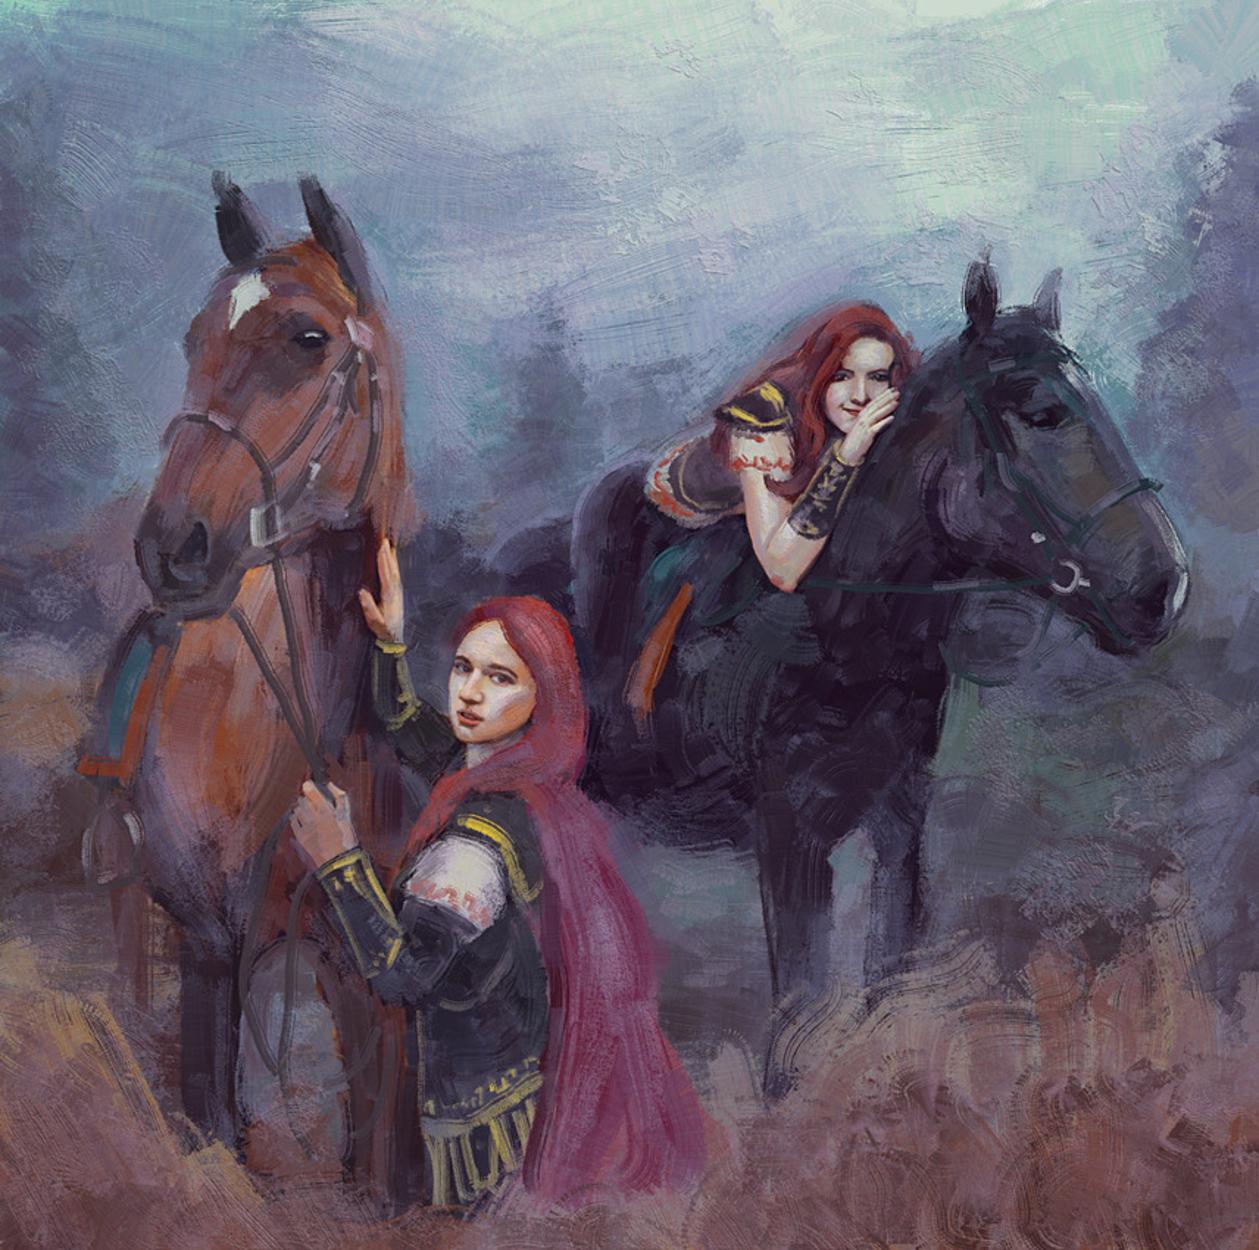 Riders Artwork by George Semenov